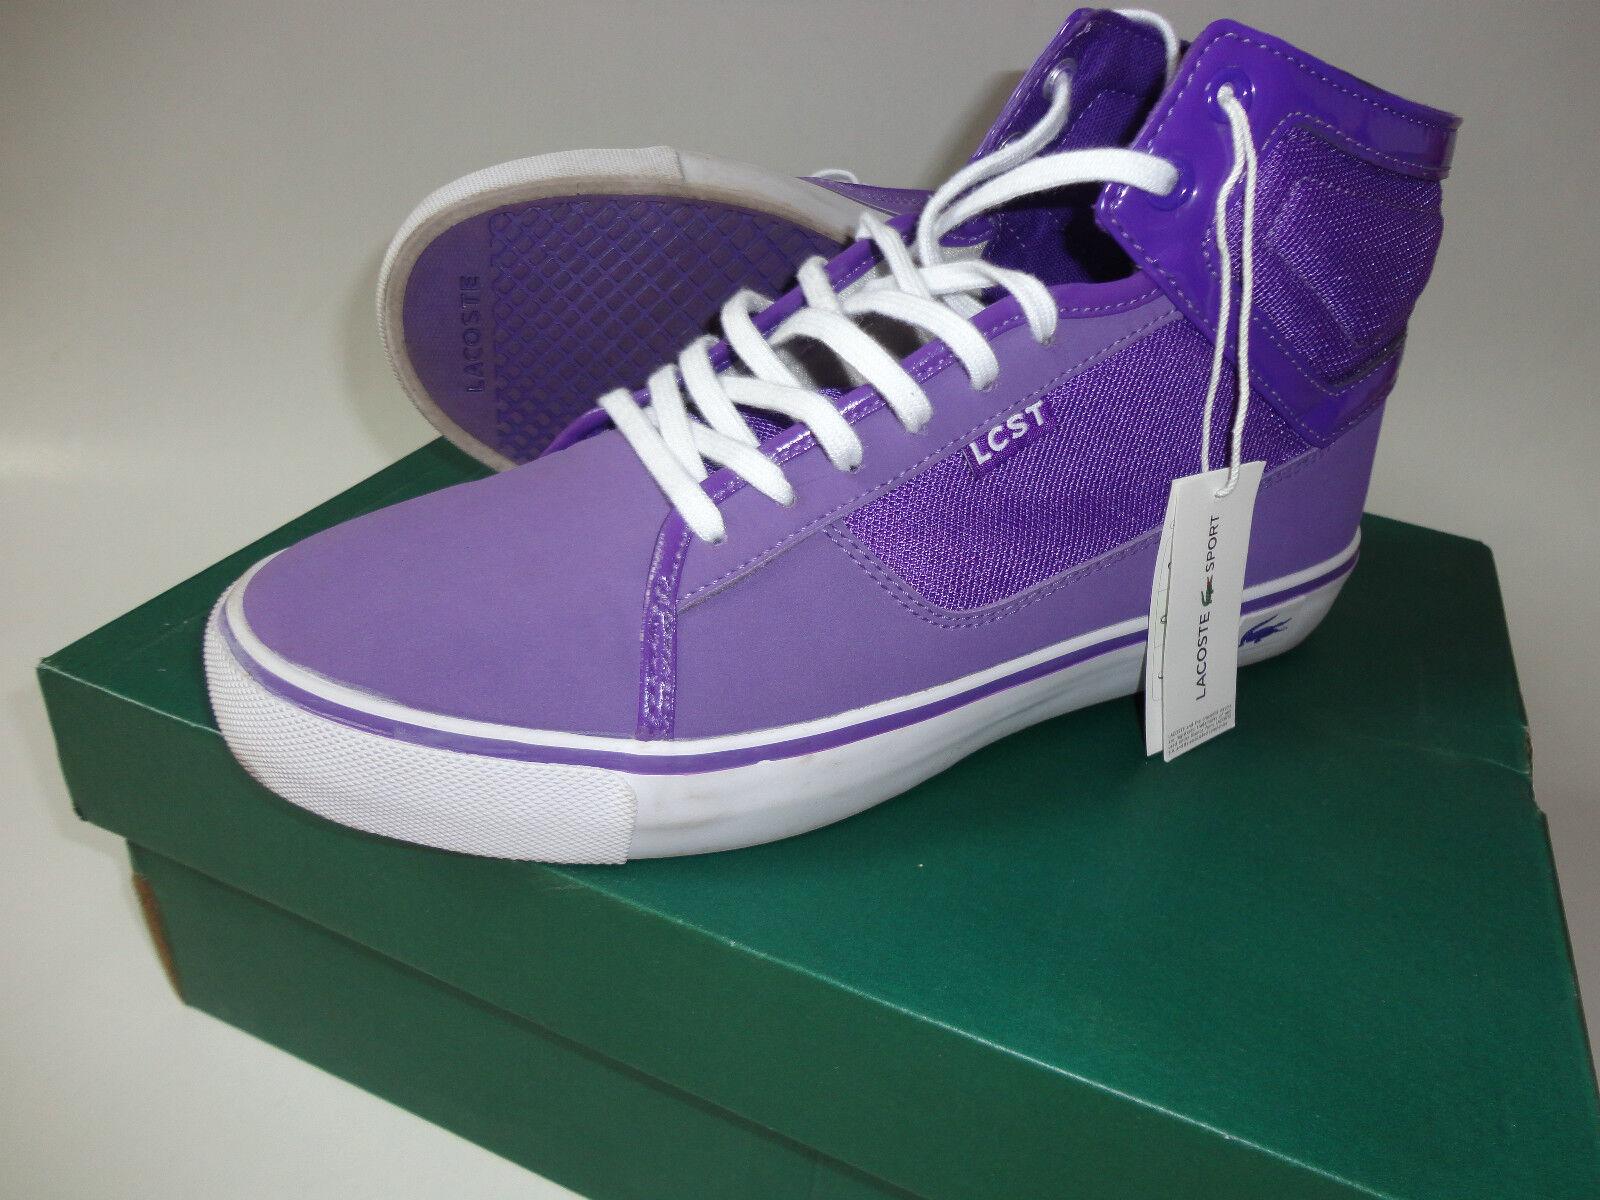 Lacoste Sport Freizeitstiefel Sneaker Schuhe Gr.41 42 Jeans lila wie Neu Jeans 42 Jacke 1d4bdb